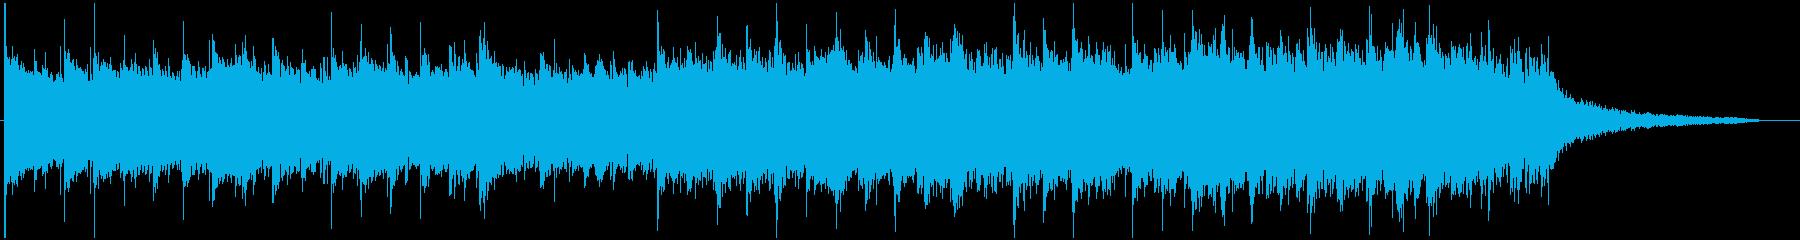 サスペンス ガムランとドラムの再生済みの波形